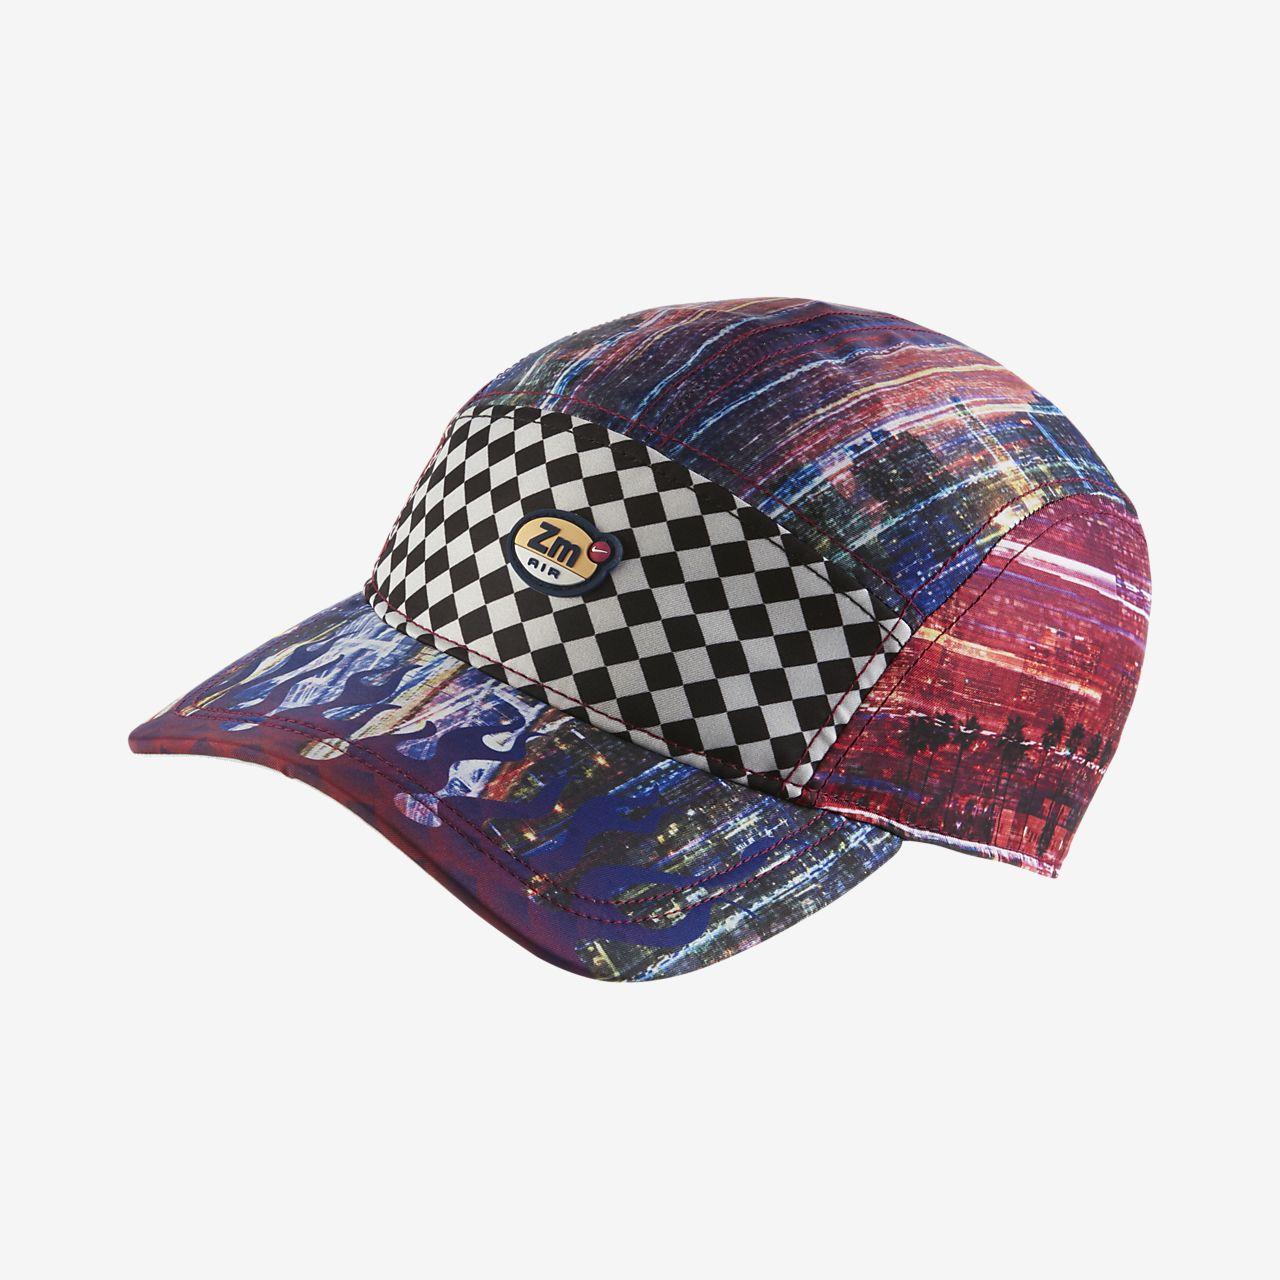 หมวกปรับได้ Nike NRG AW84 Spectrum QS